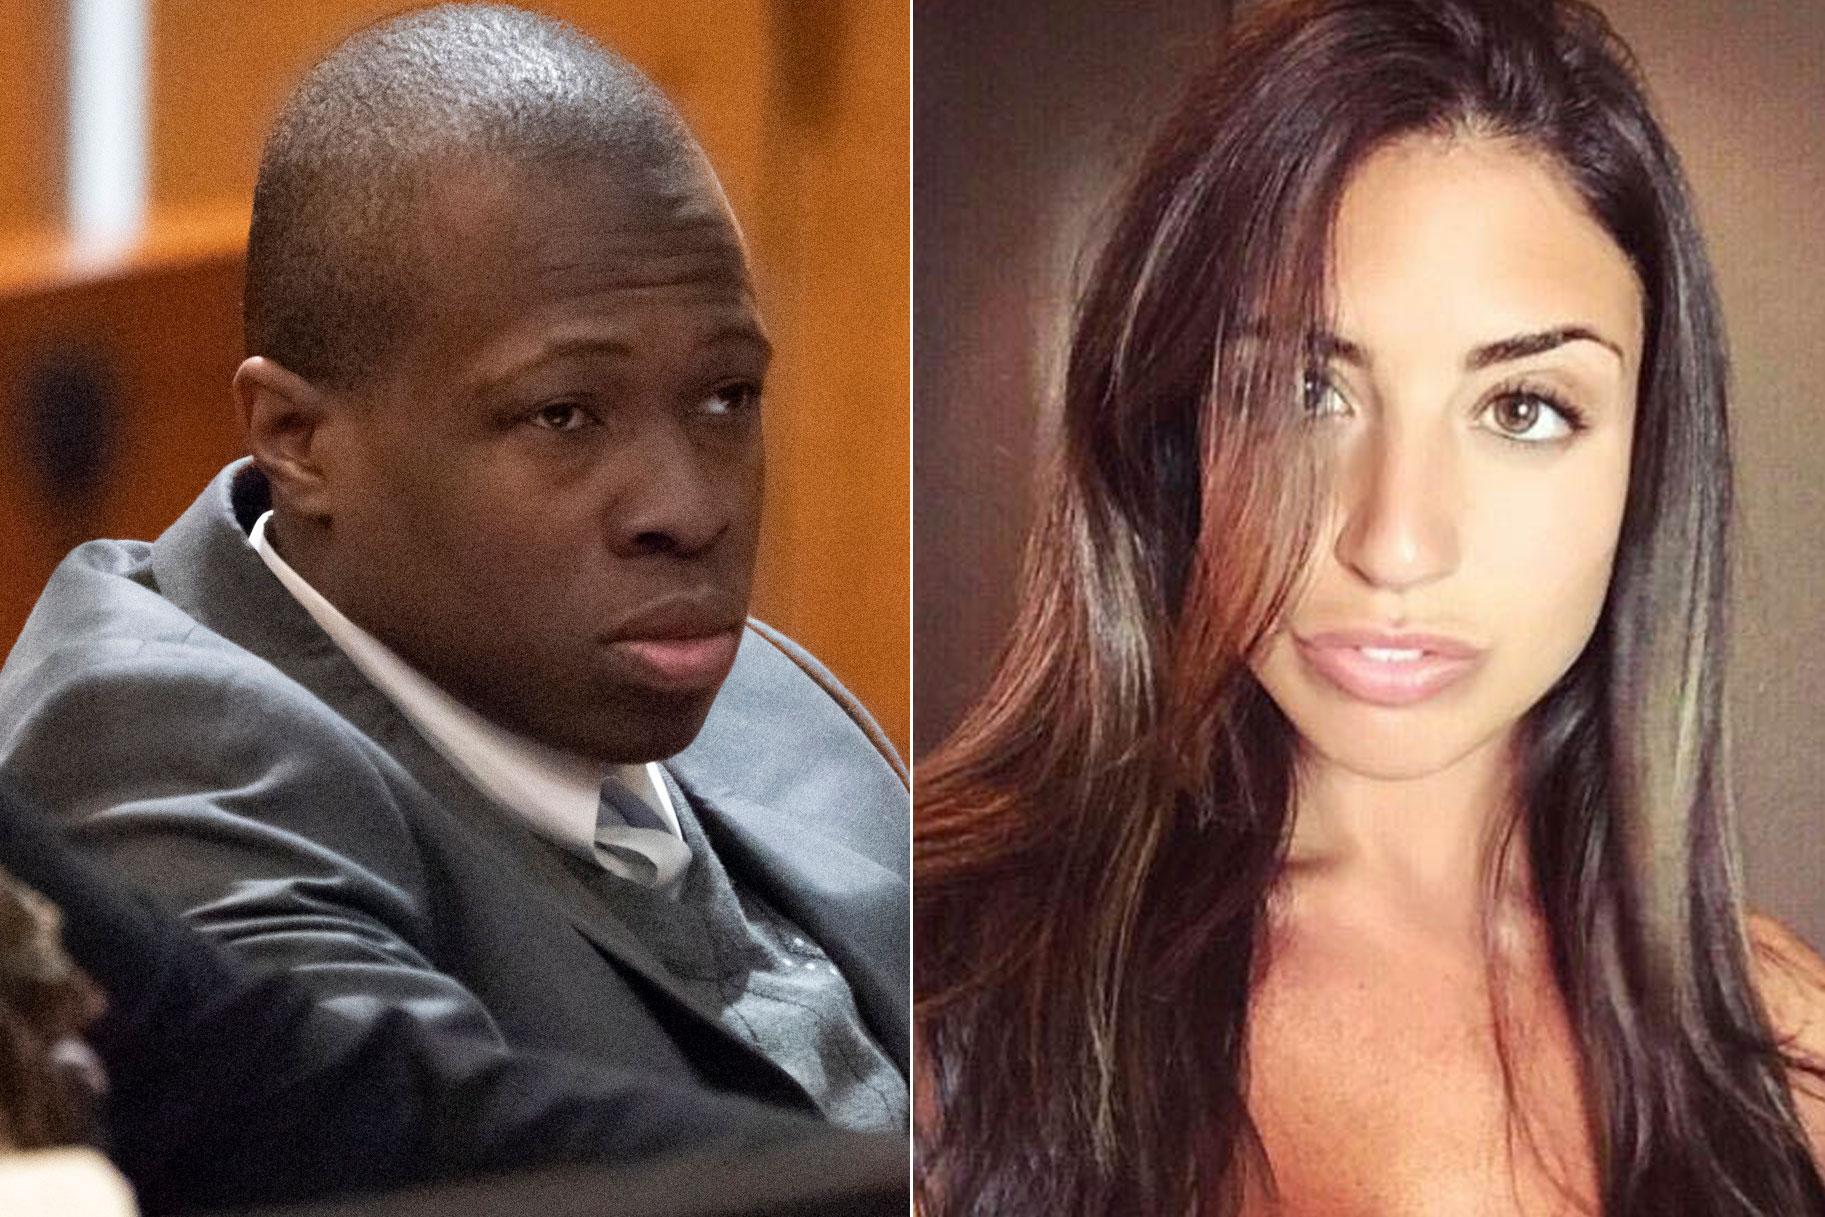 Madre de hombre condenado por asesinato y agresión sexual NYC Jogger dice que su hijo 'indefenso' fue engañado